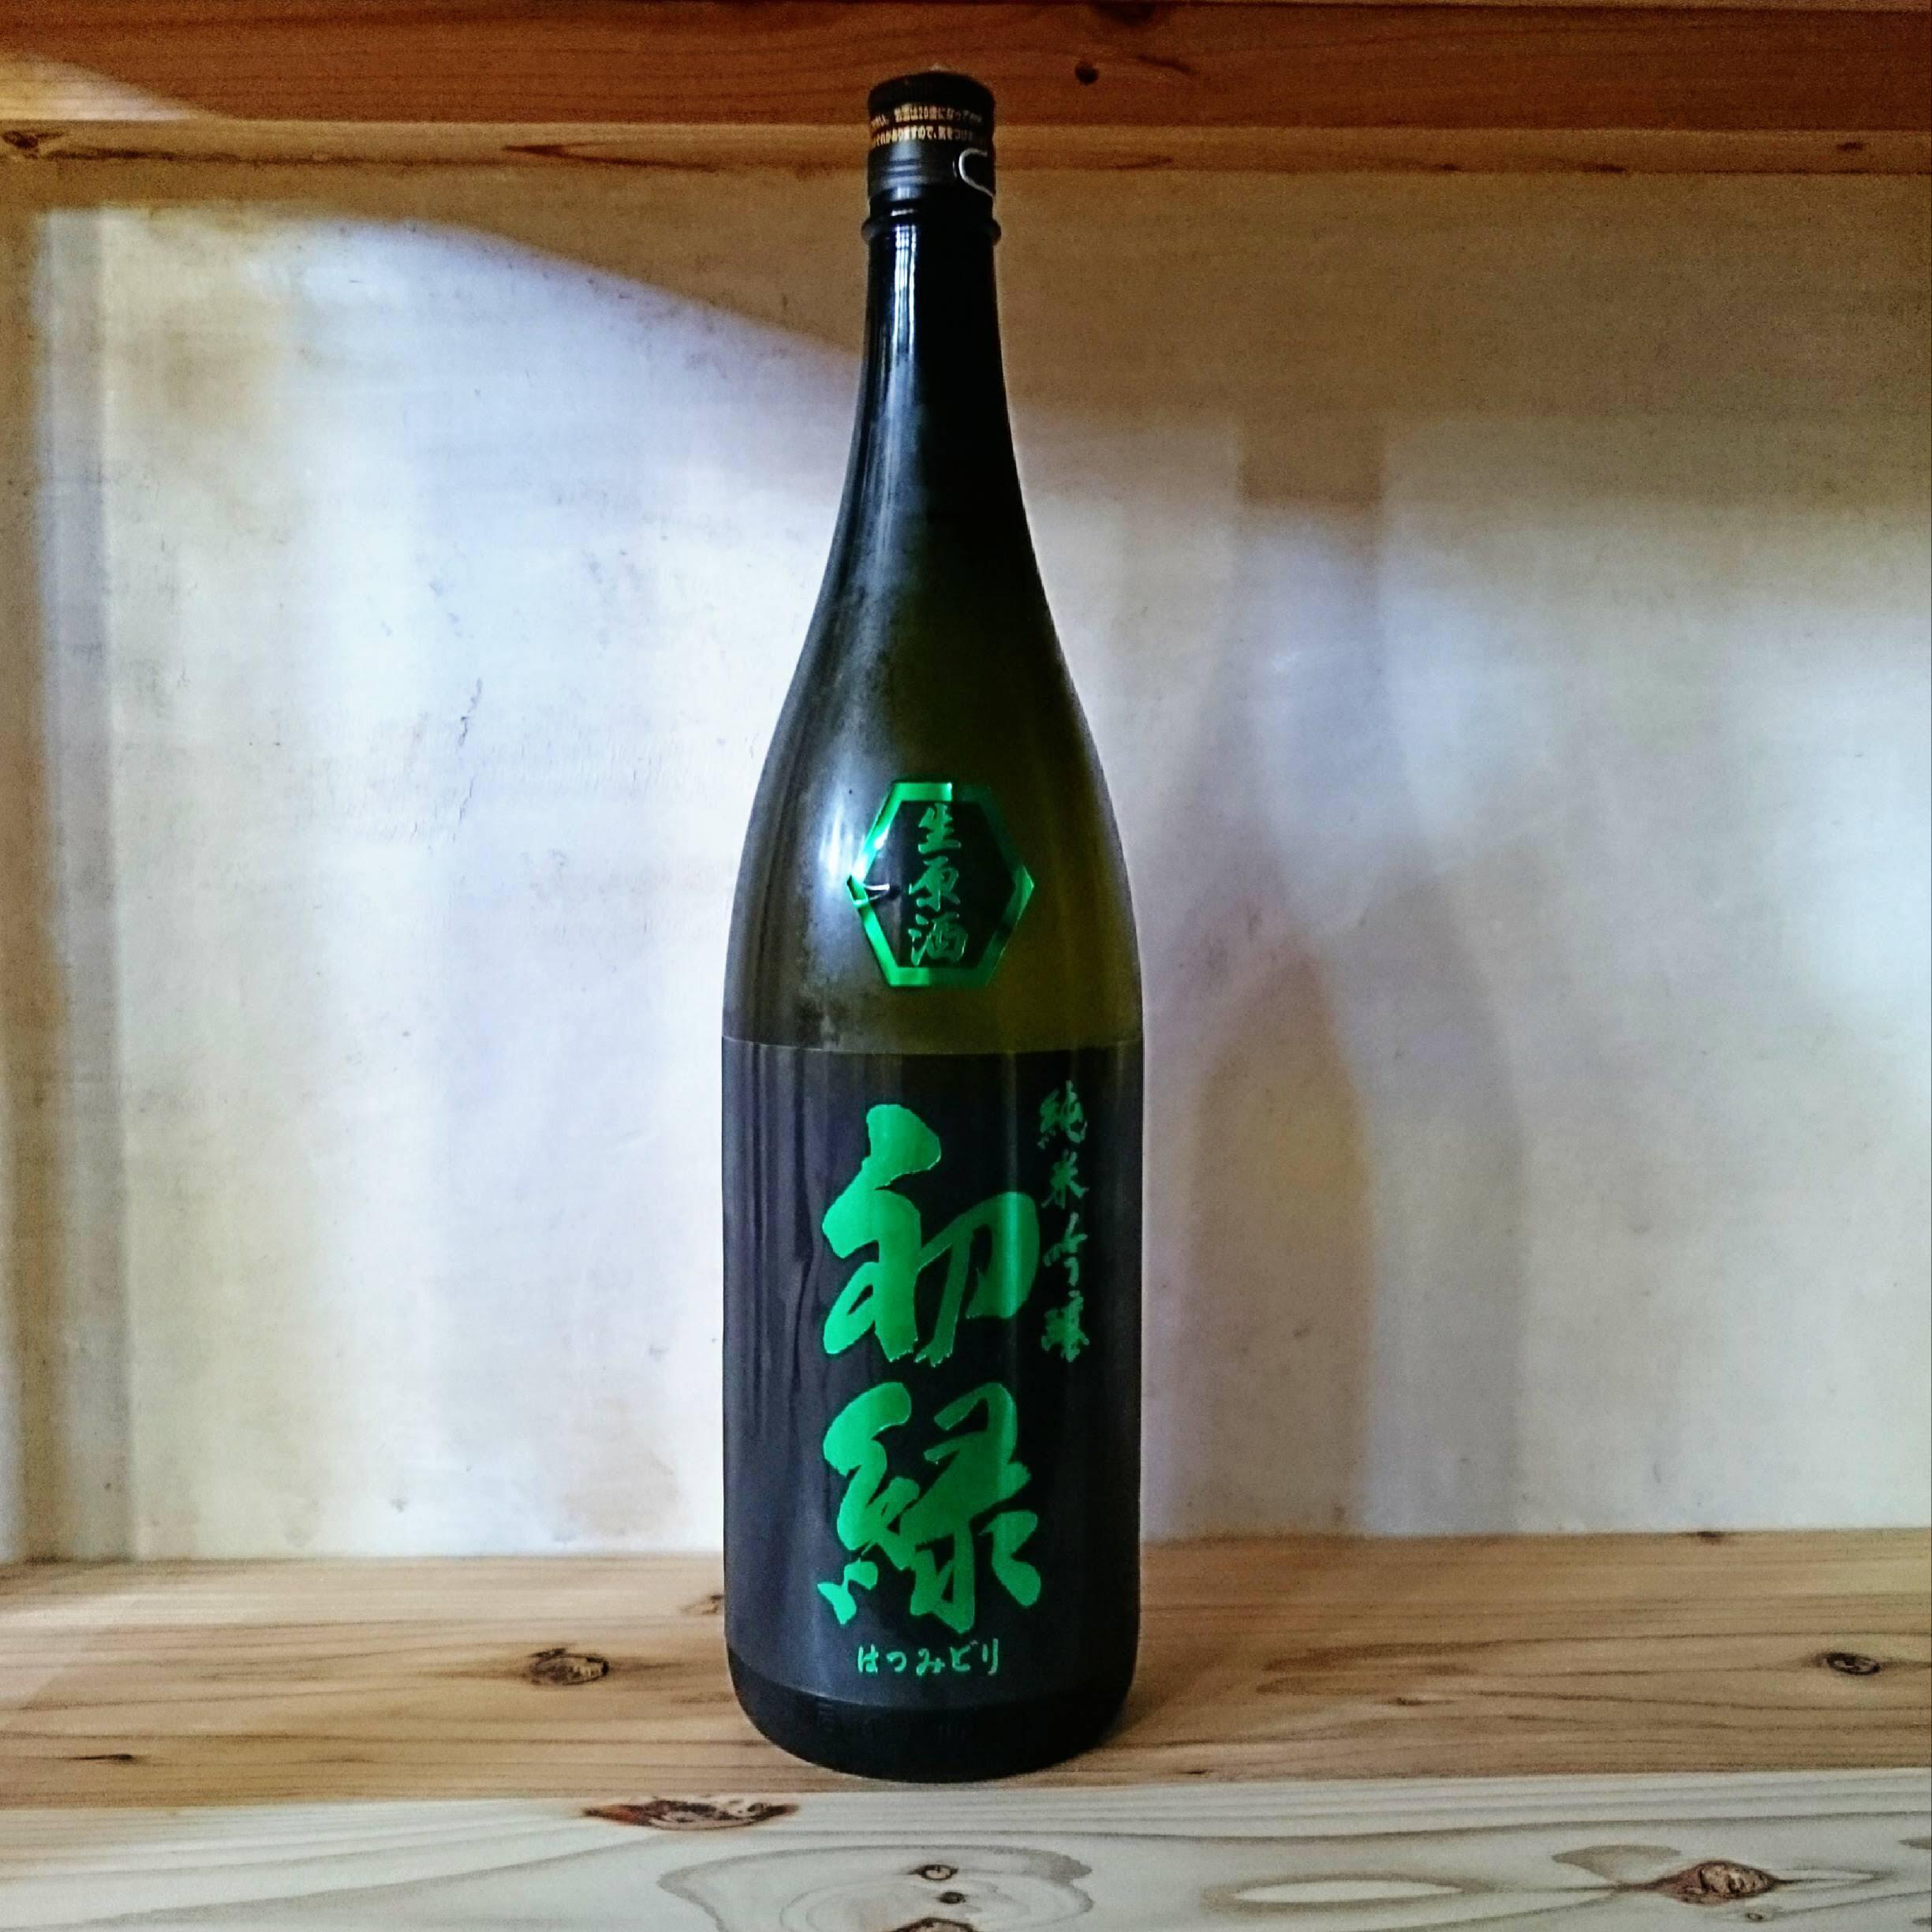 初緑 純米吟醸 山田錦 無濾過生原酒 緑ラベル 1.8L